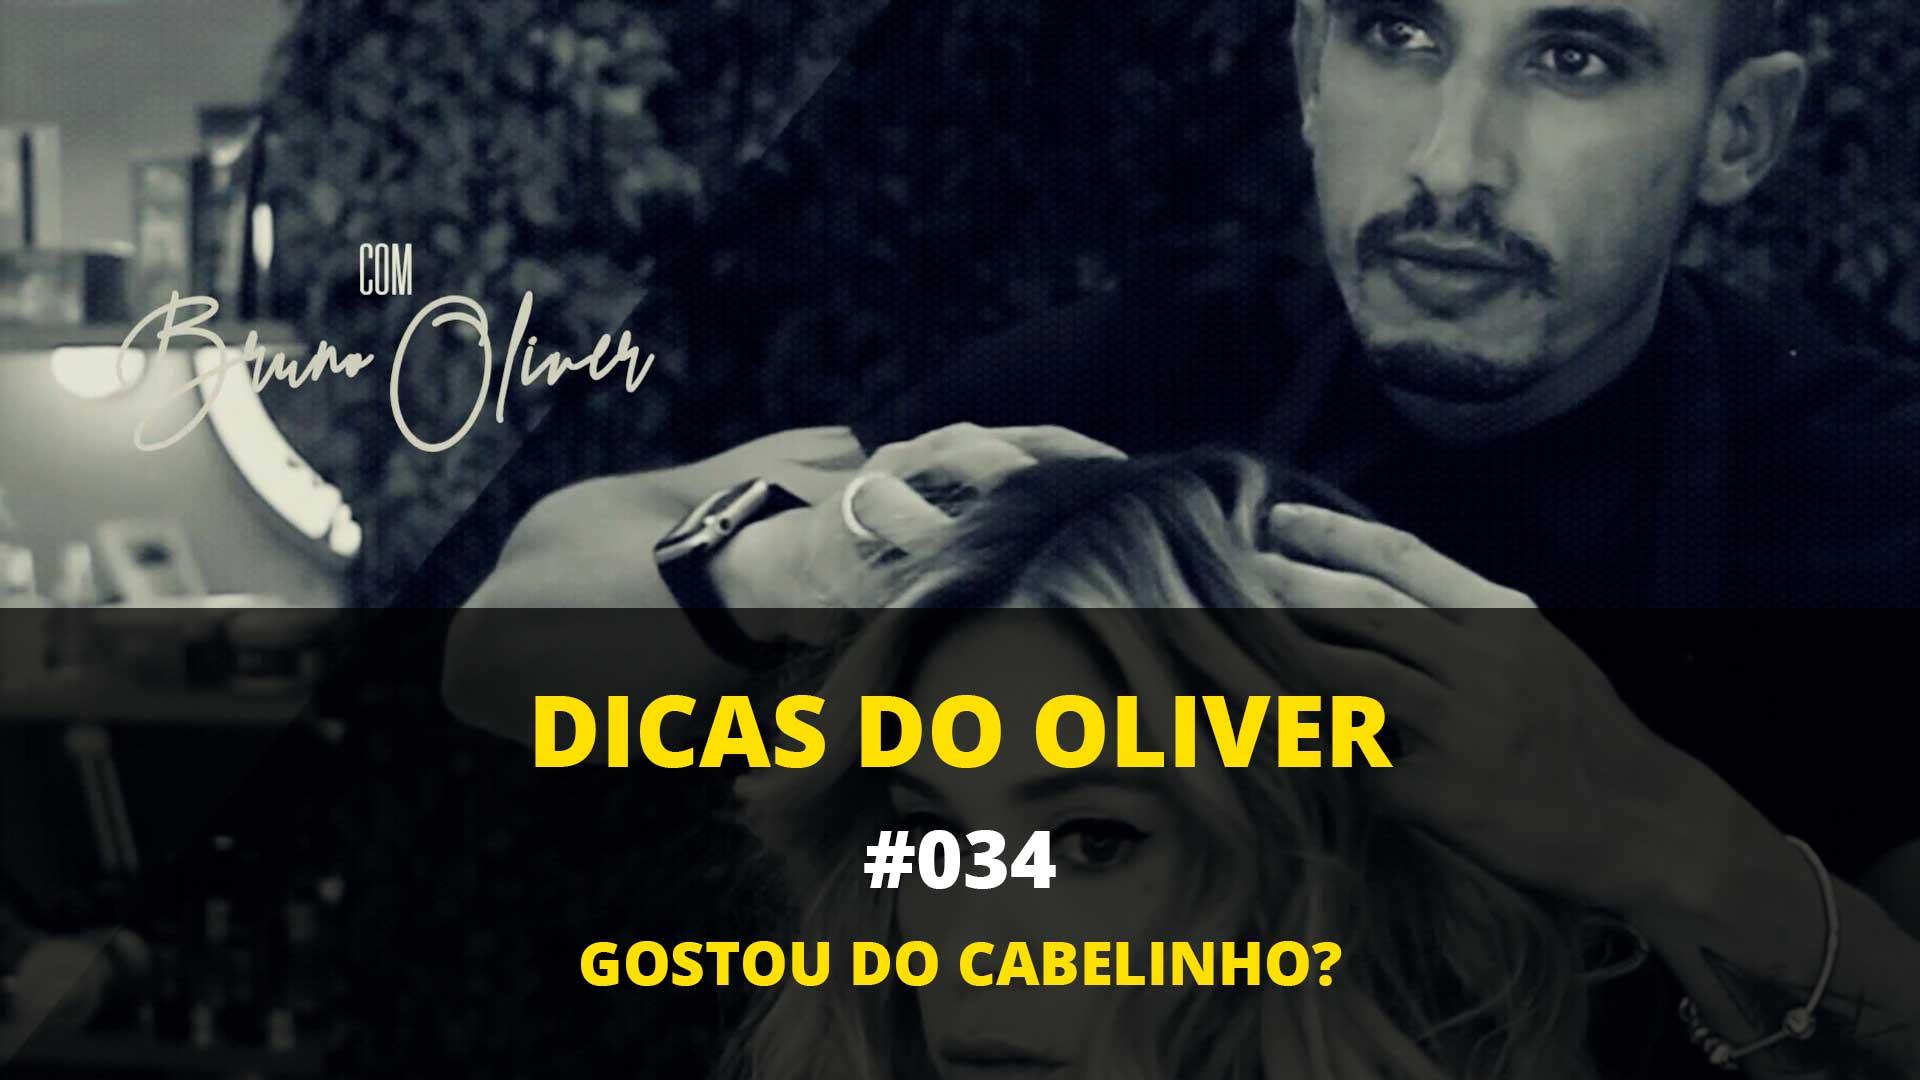 Dicas do Oliver